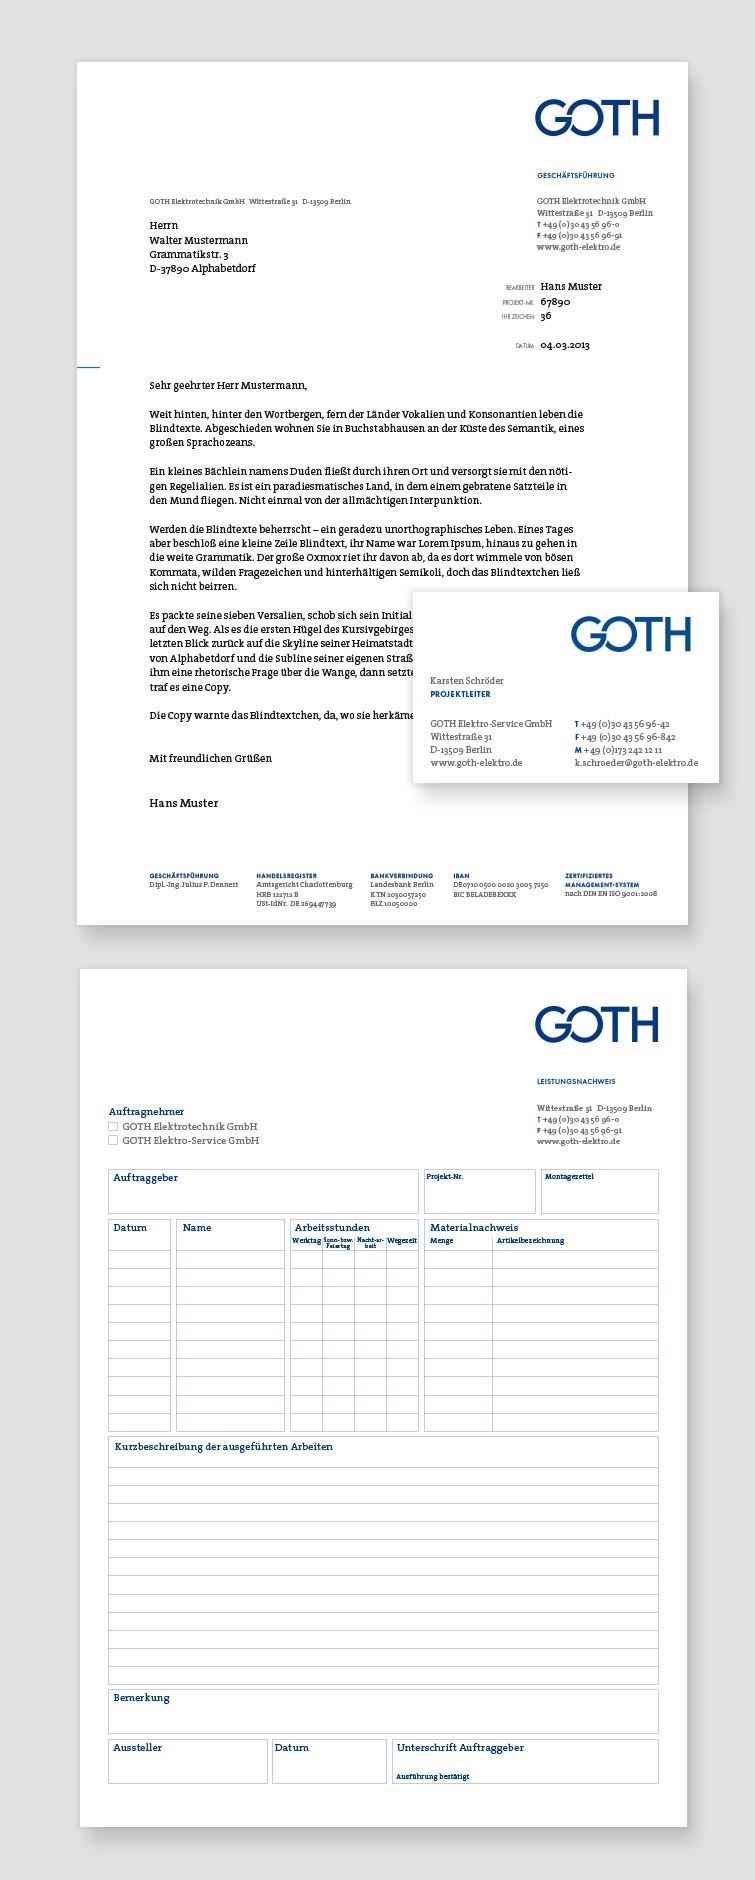 goth01